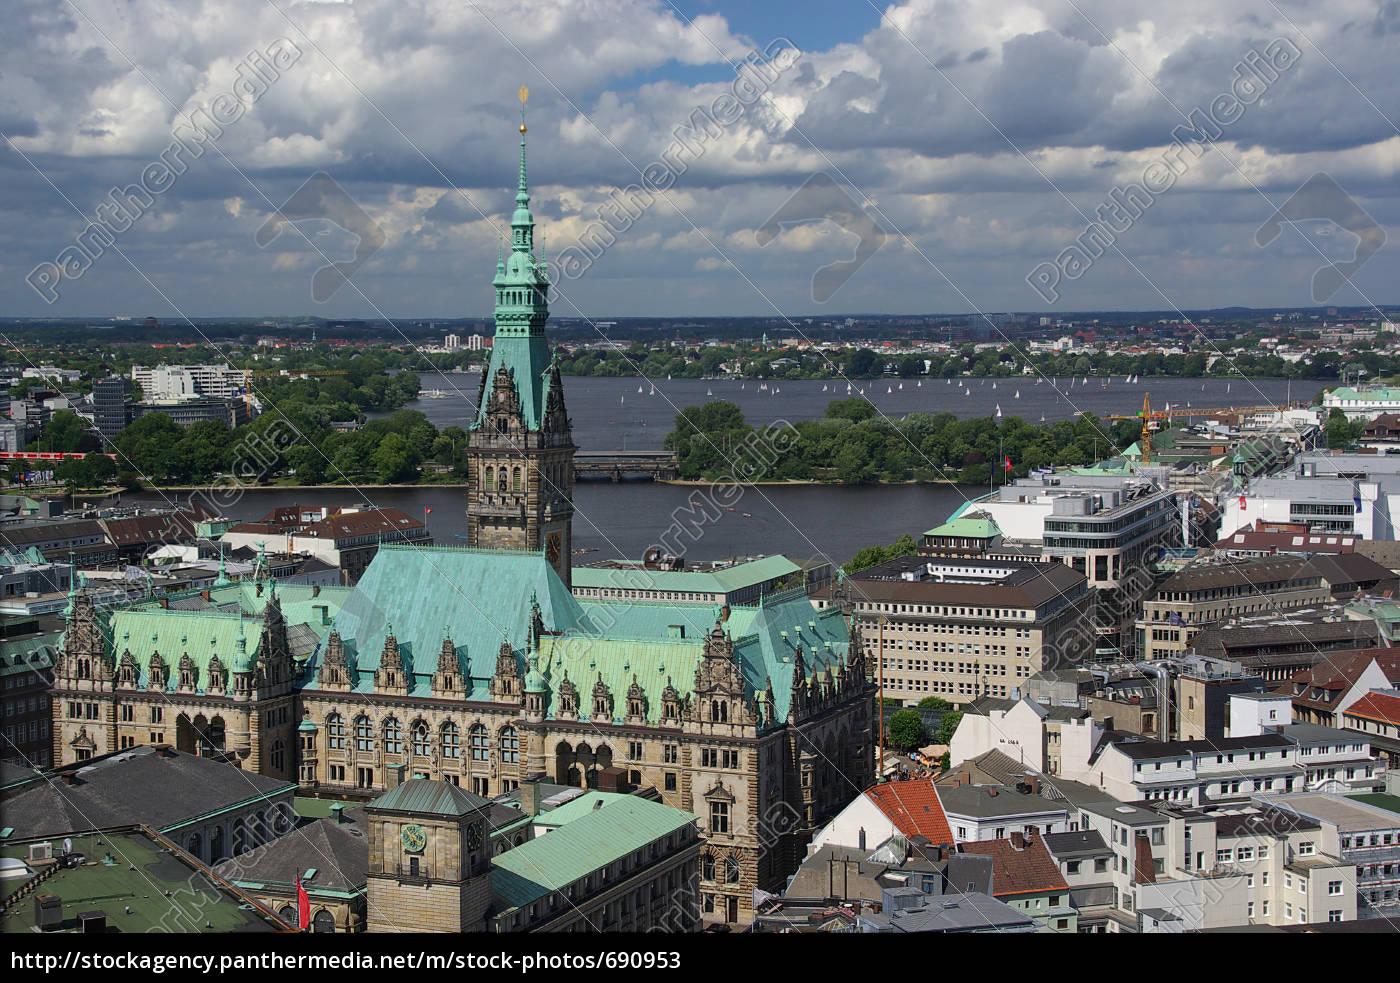 hamburg, -, city - 690953